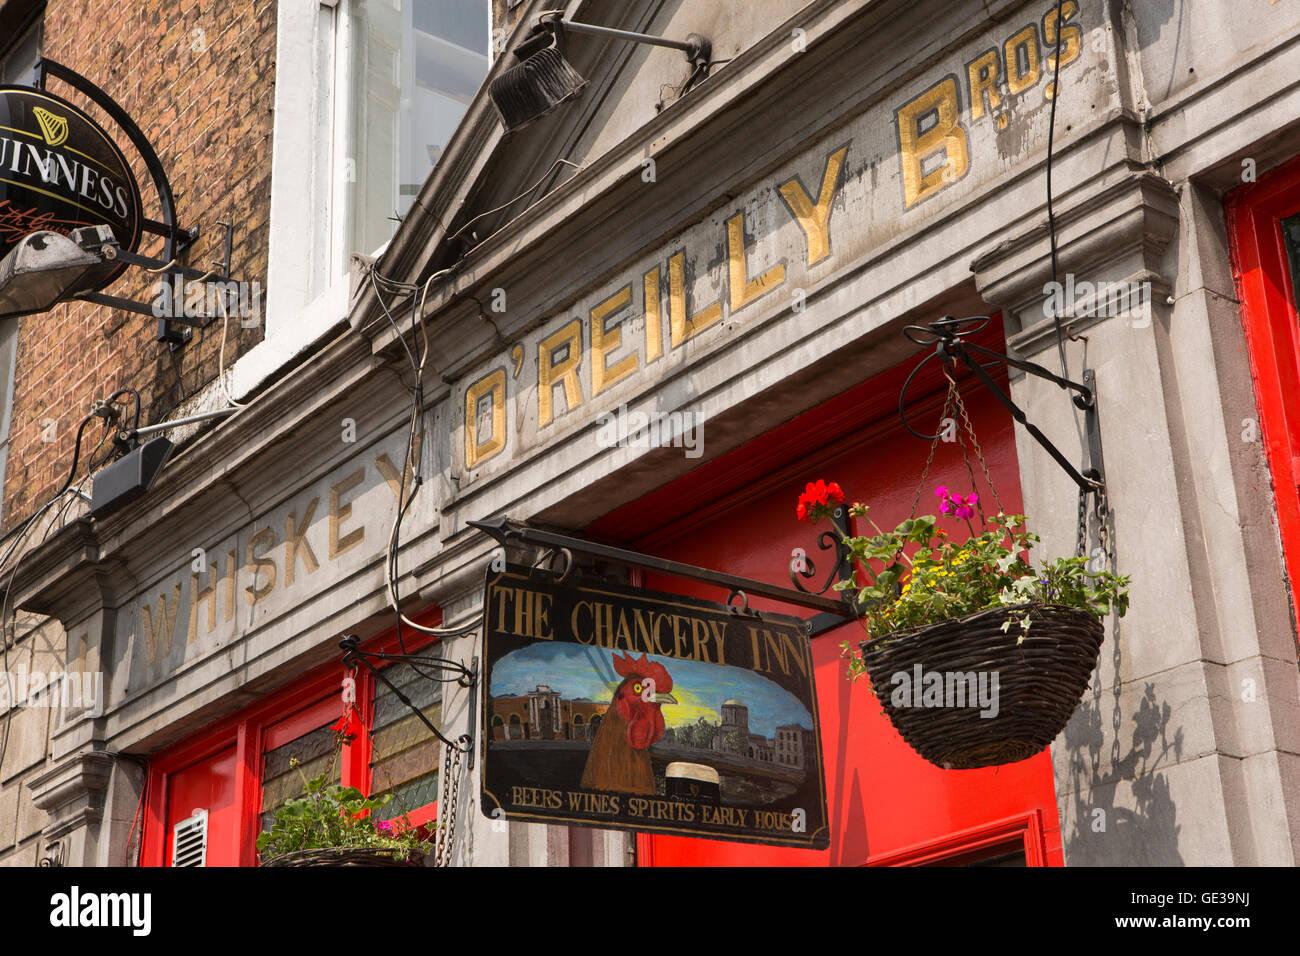 Ireland, Dublin, Inns Quay, O'Reilly Brothers, the Chancery Inn, city centre public house Stock Photo